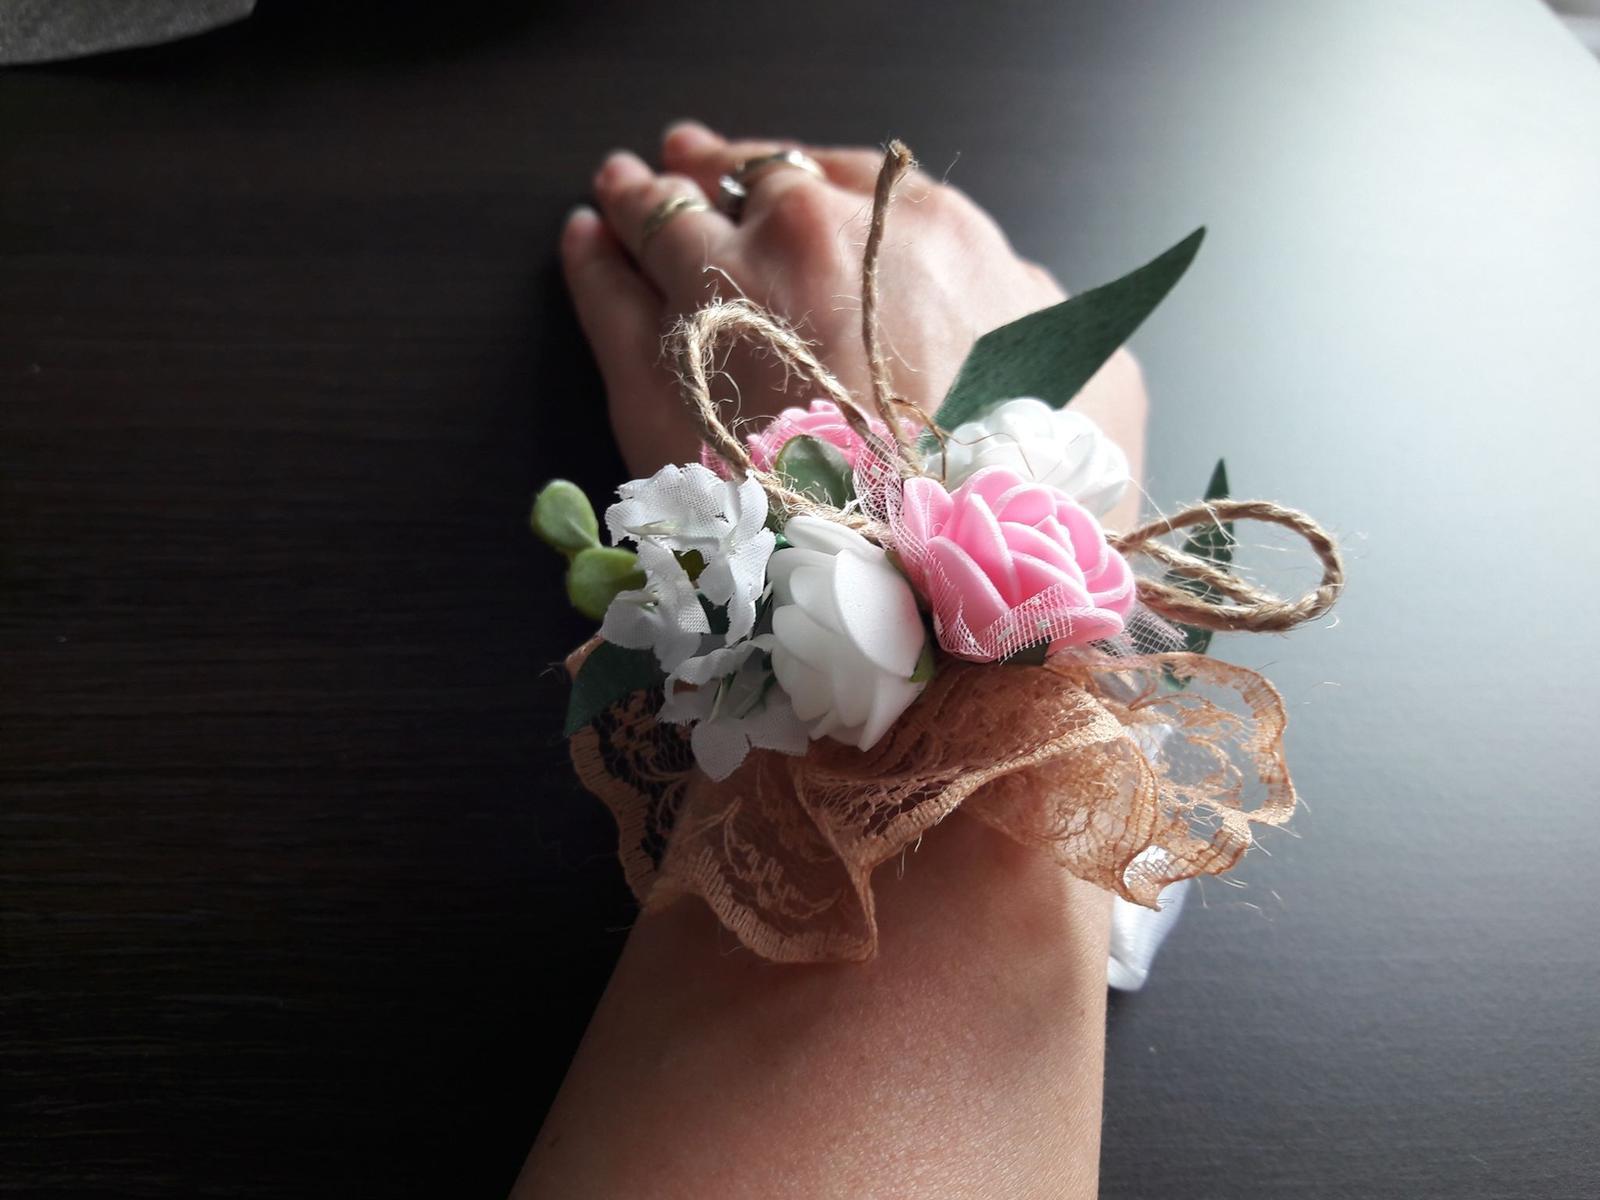 Náramky - penové ružičky a motúzik  - Obrázok č. 2